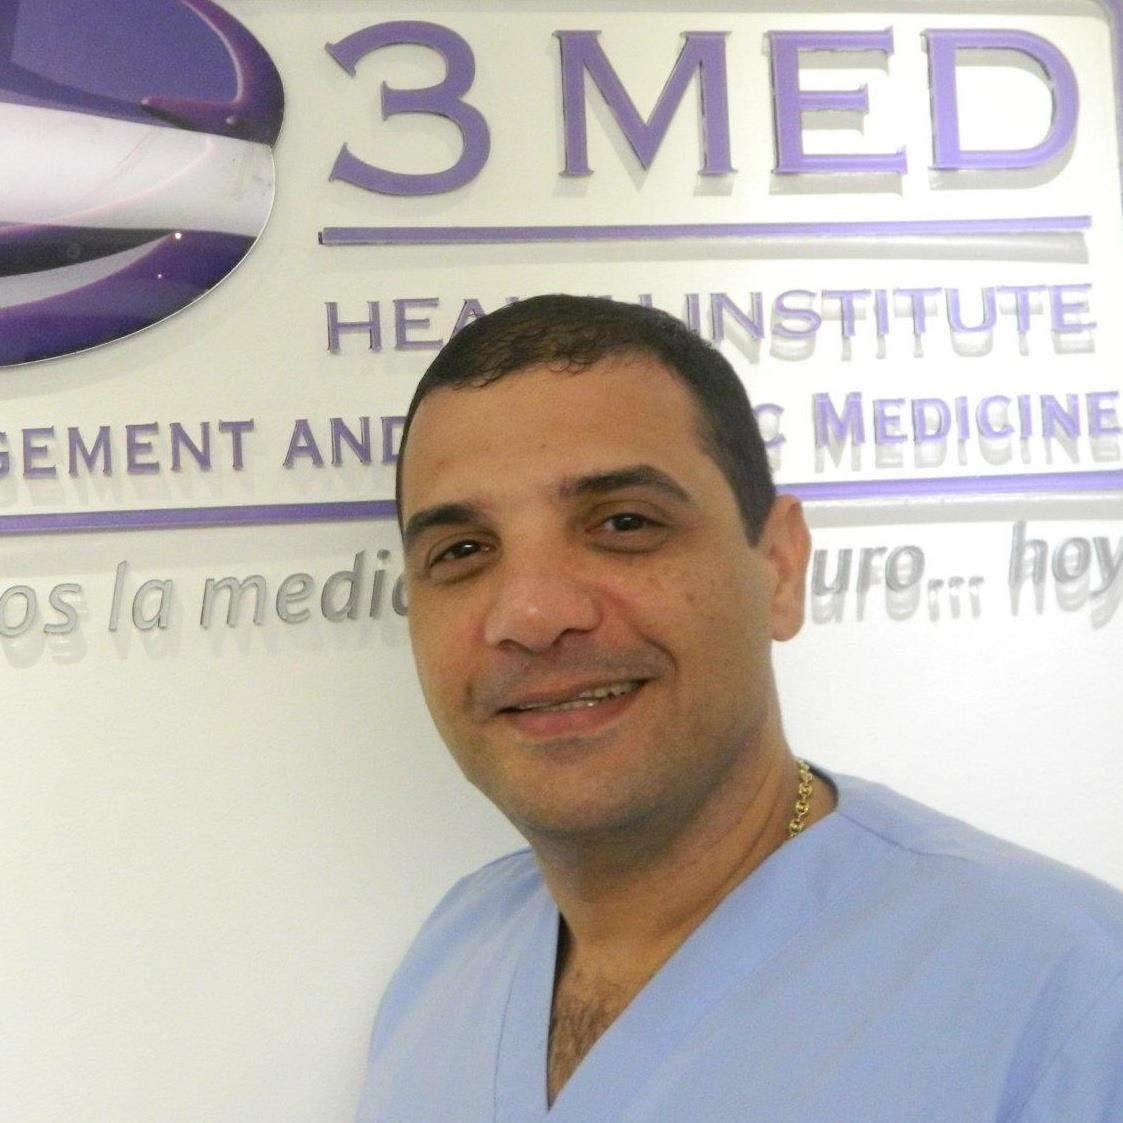 El médico Emerio López Cerchiario promociona el tratamiento con células madres. Leonardo Alvarado/EL PILÓN